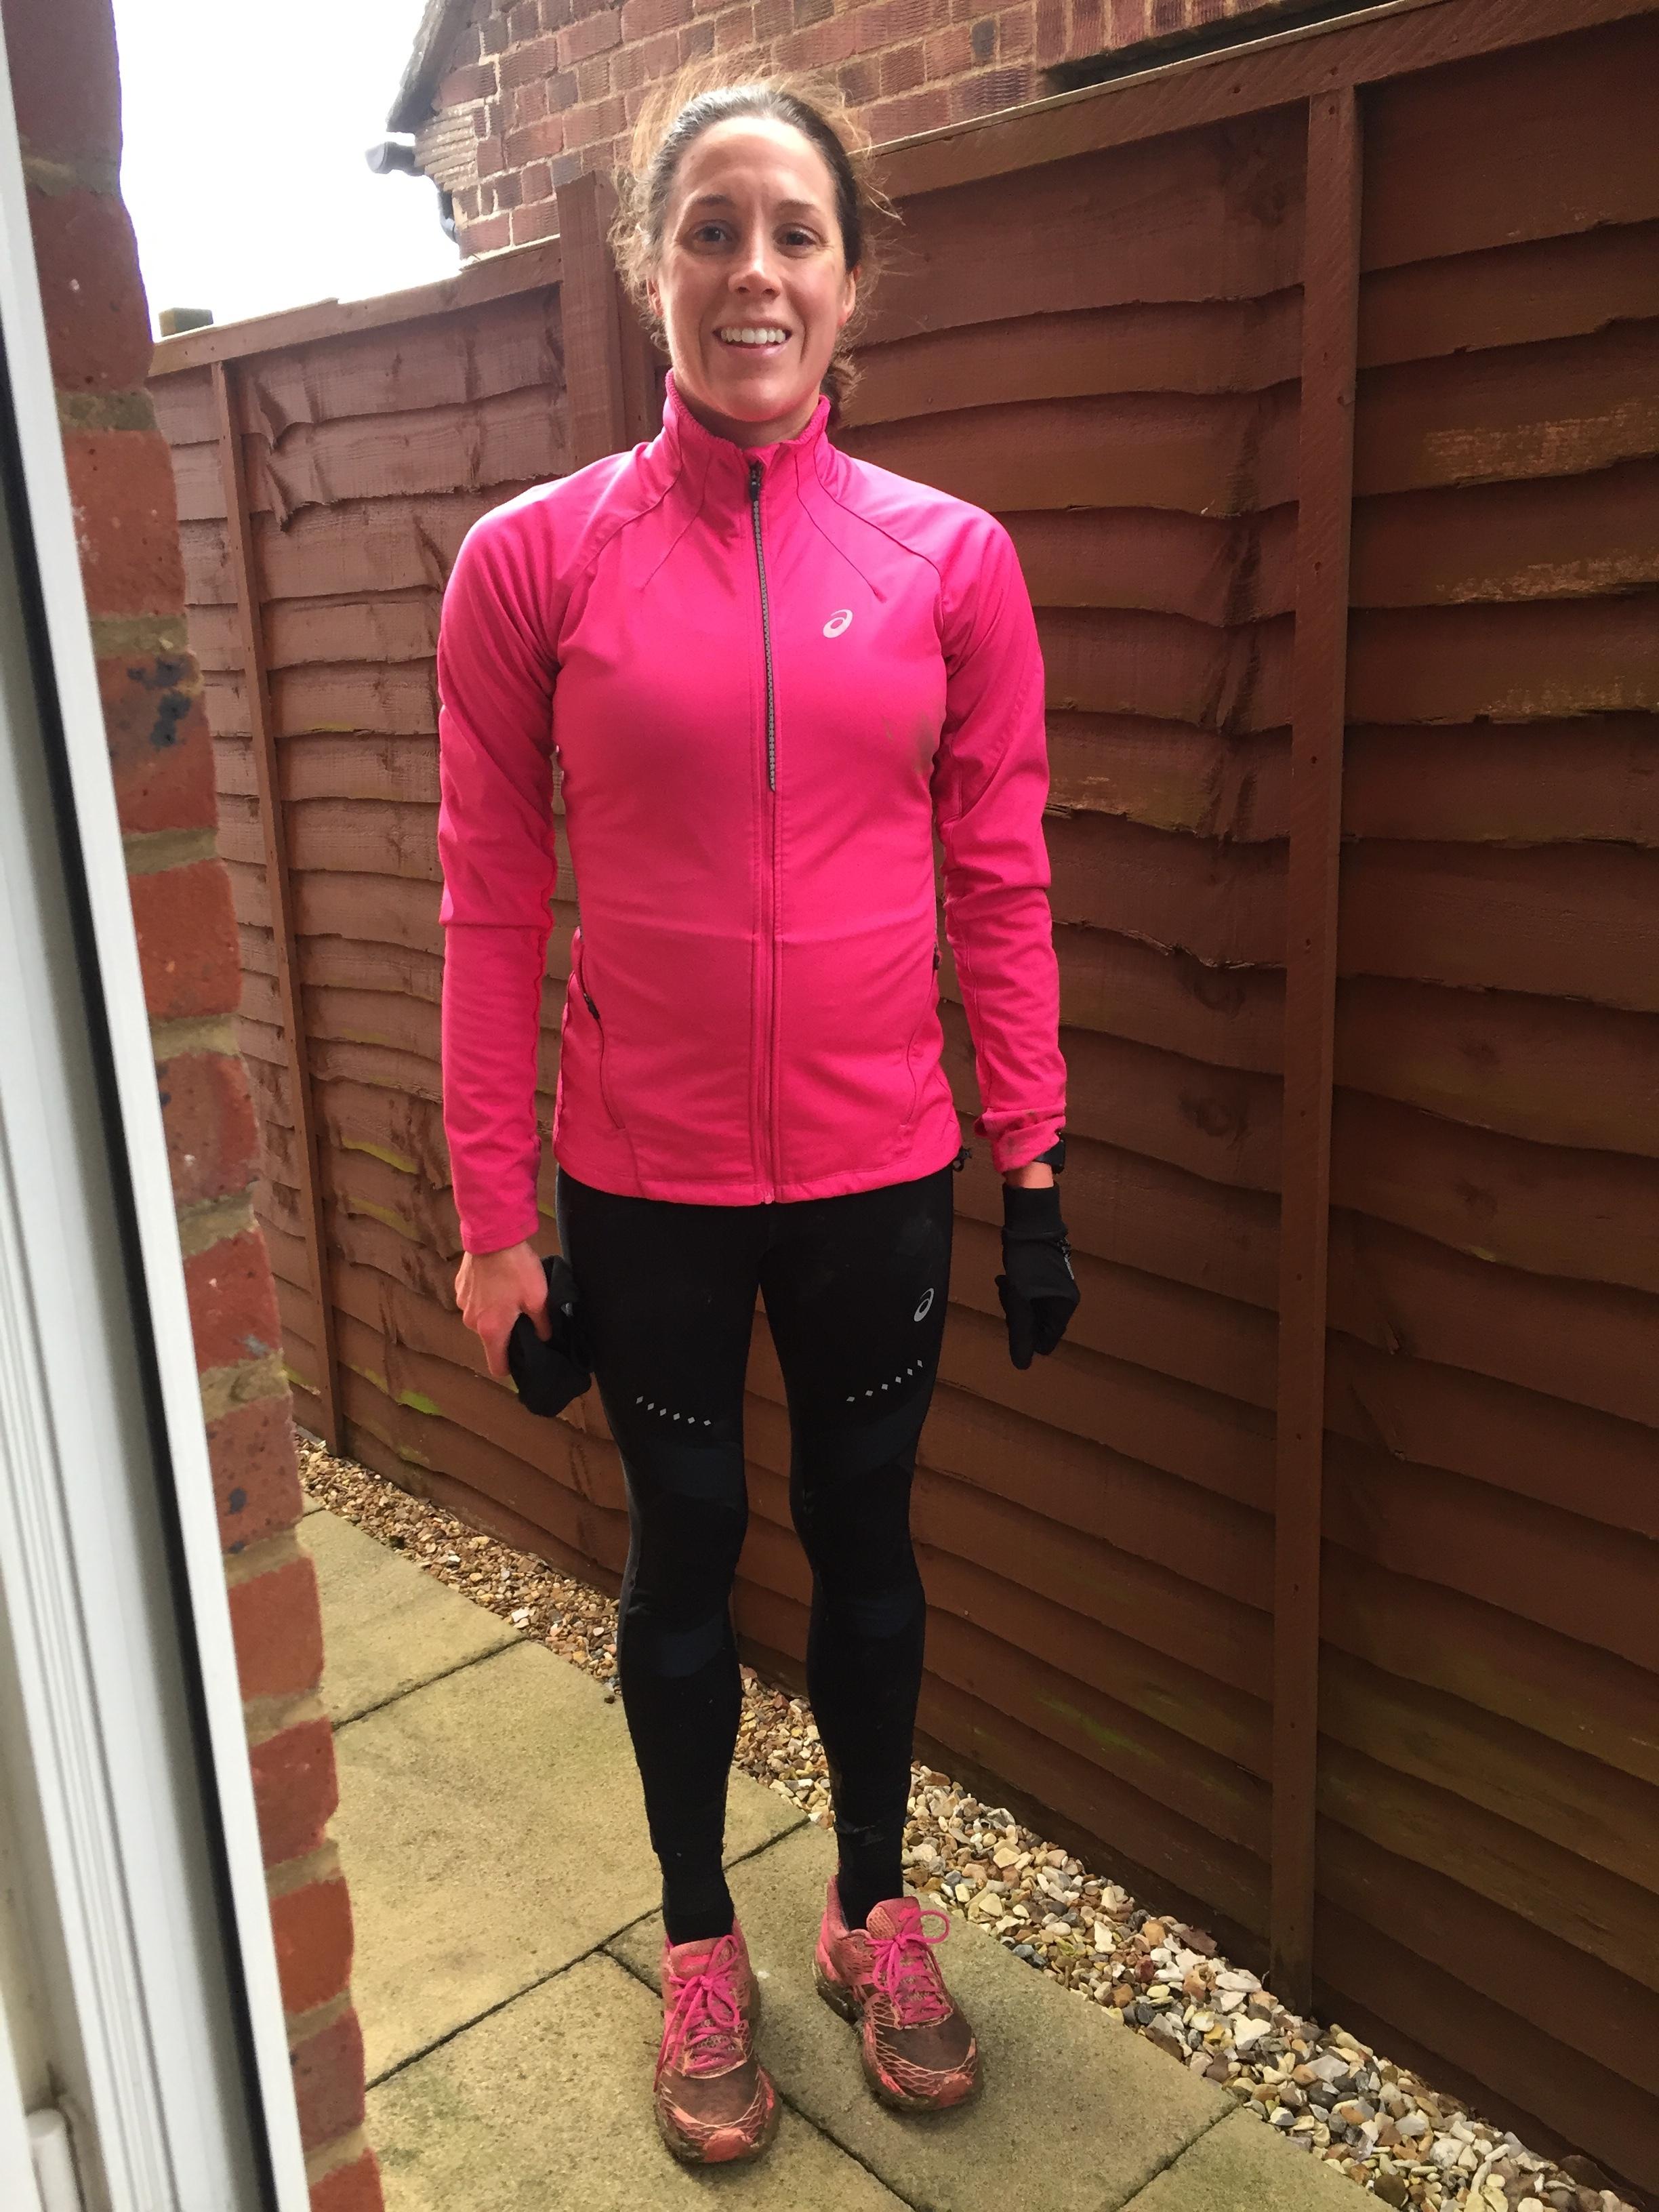 Double World Triathlon Champion Helen Jenkins